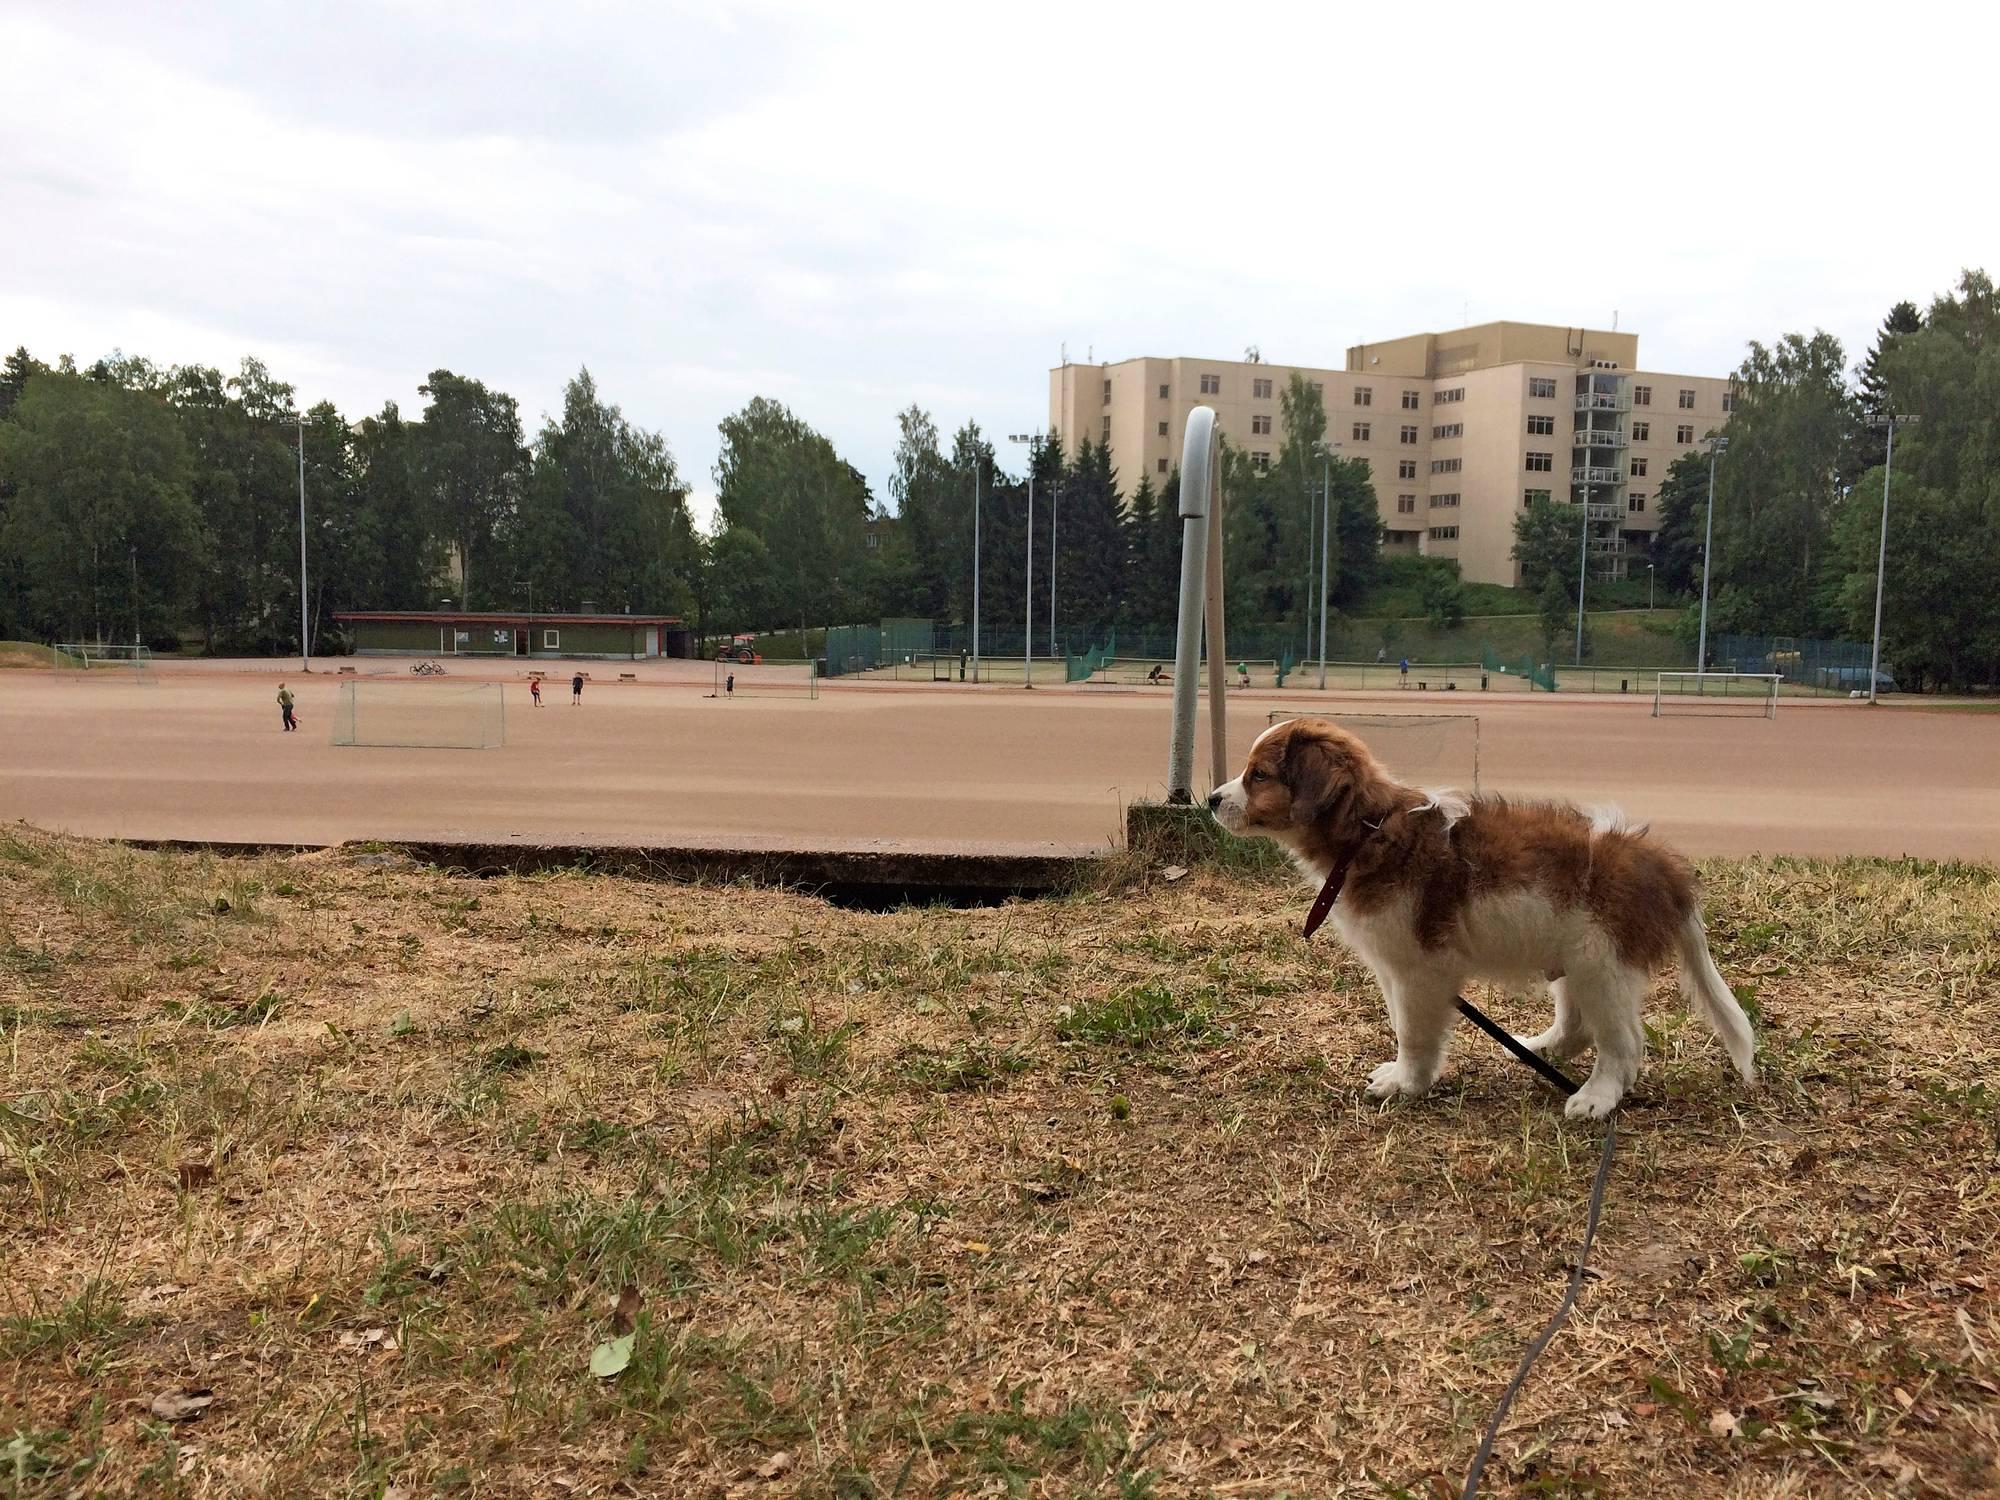 Masa-koira urheilukentän laidalla